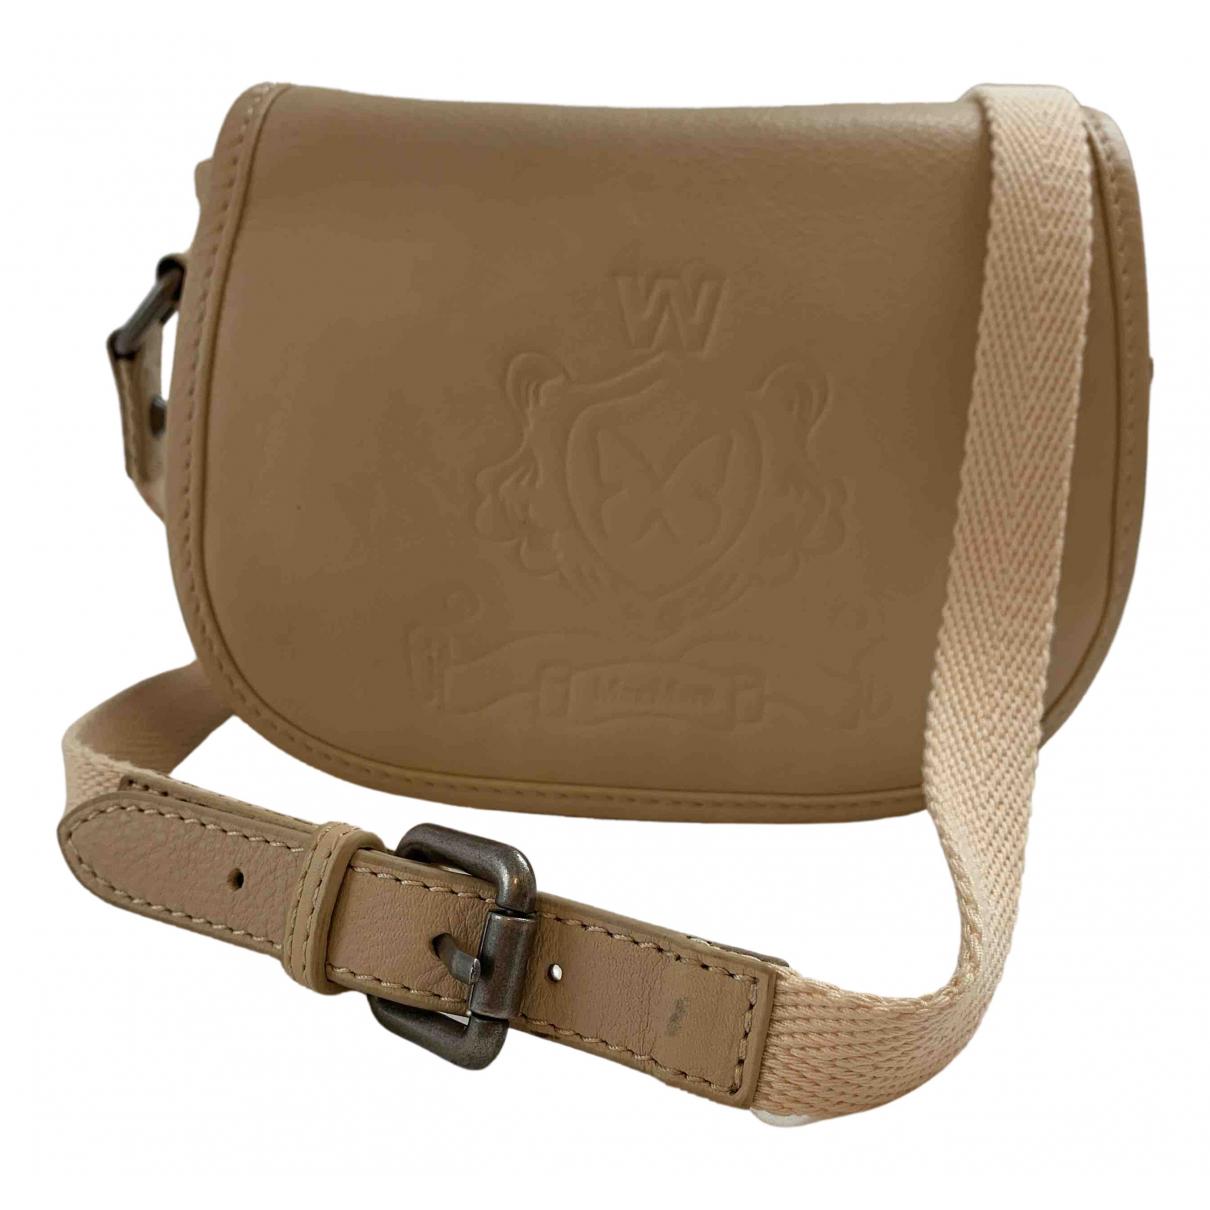 Max Mara Weekend N Beige Leather handbag for Women N